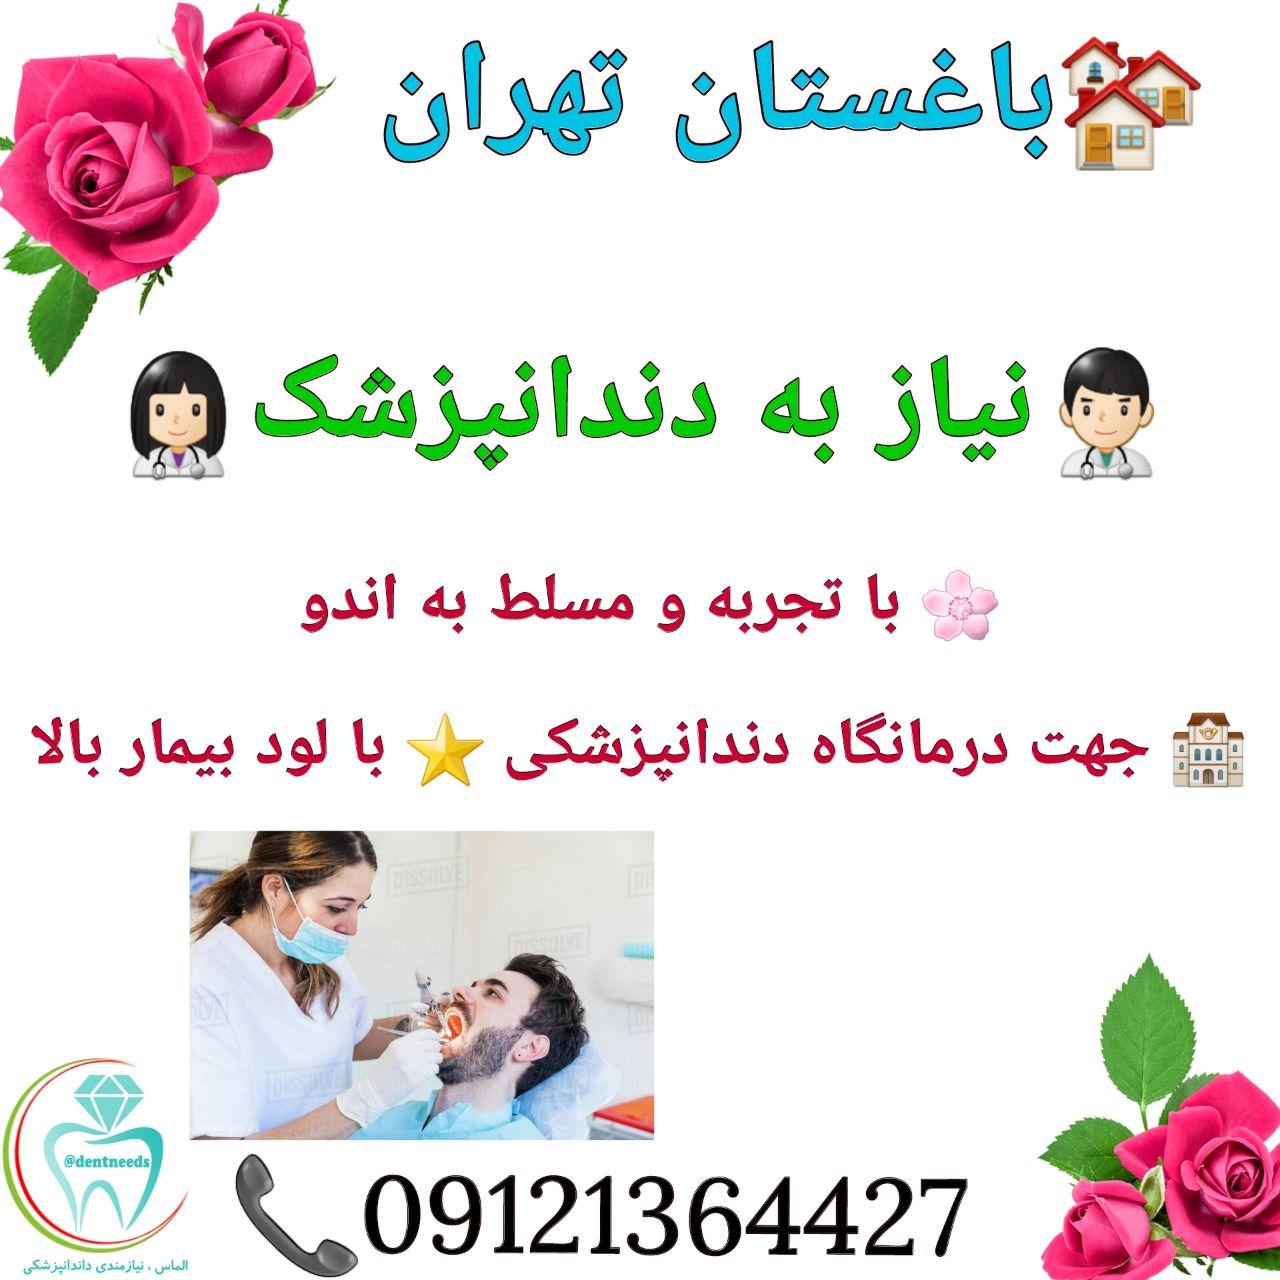 باغستان تهران: نیاز به دندانپزشک